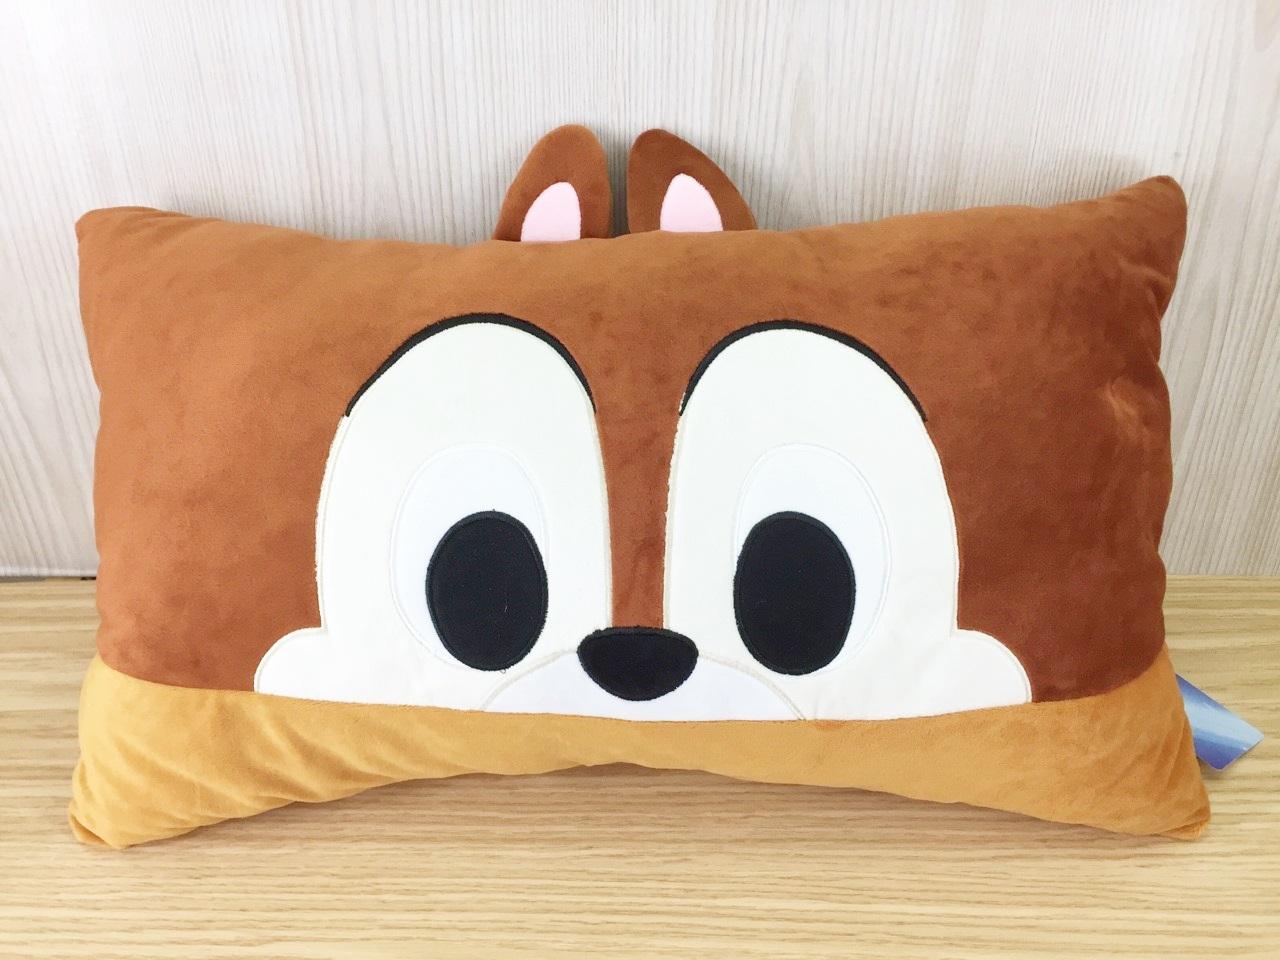 【真愛日本】15121700023  大臉雙人枕-奇奇 迪士尼 奇奇蒂蒂 花栗鼠 抱枕 靠枕 枕頭 娃娃